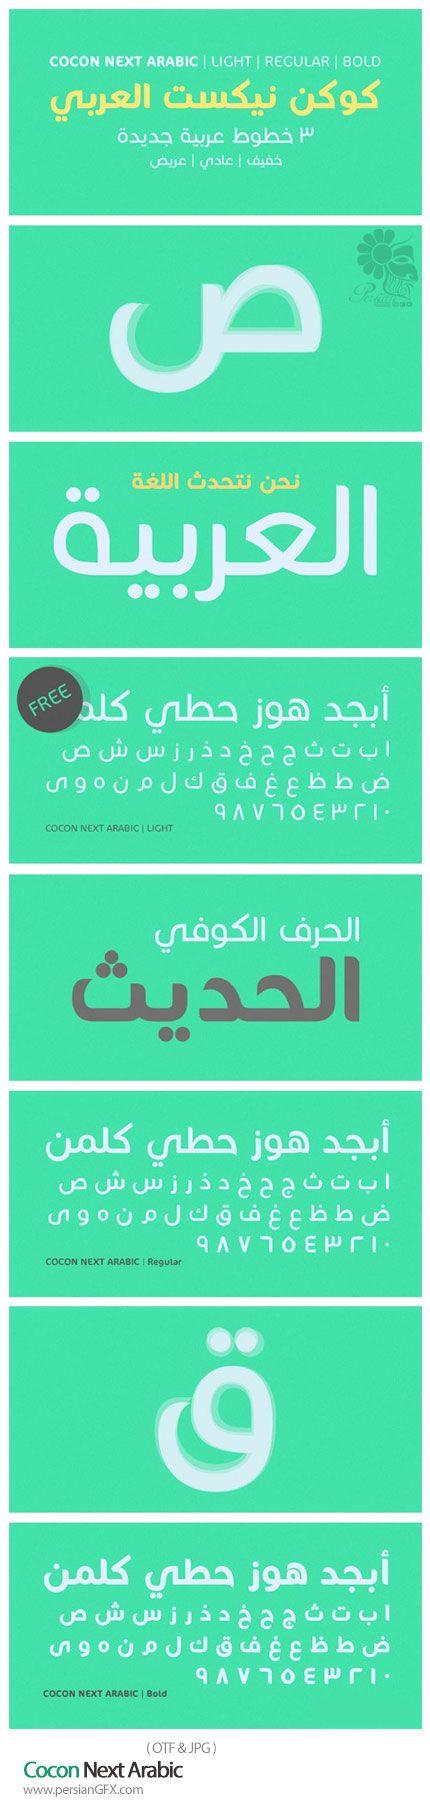 تحميل خط كوكن نيكست العربي Cocon Next Arabic منتديات تلوين Arabic Font